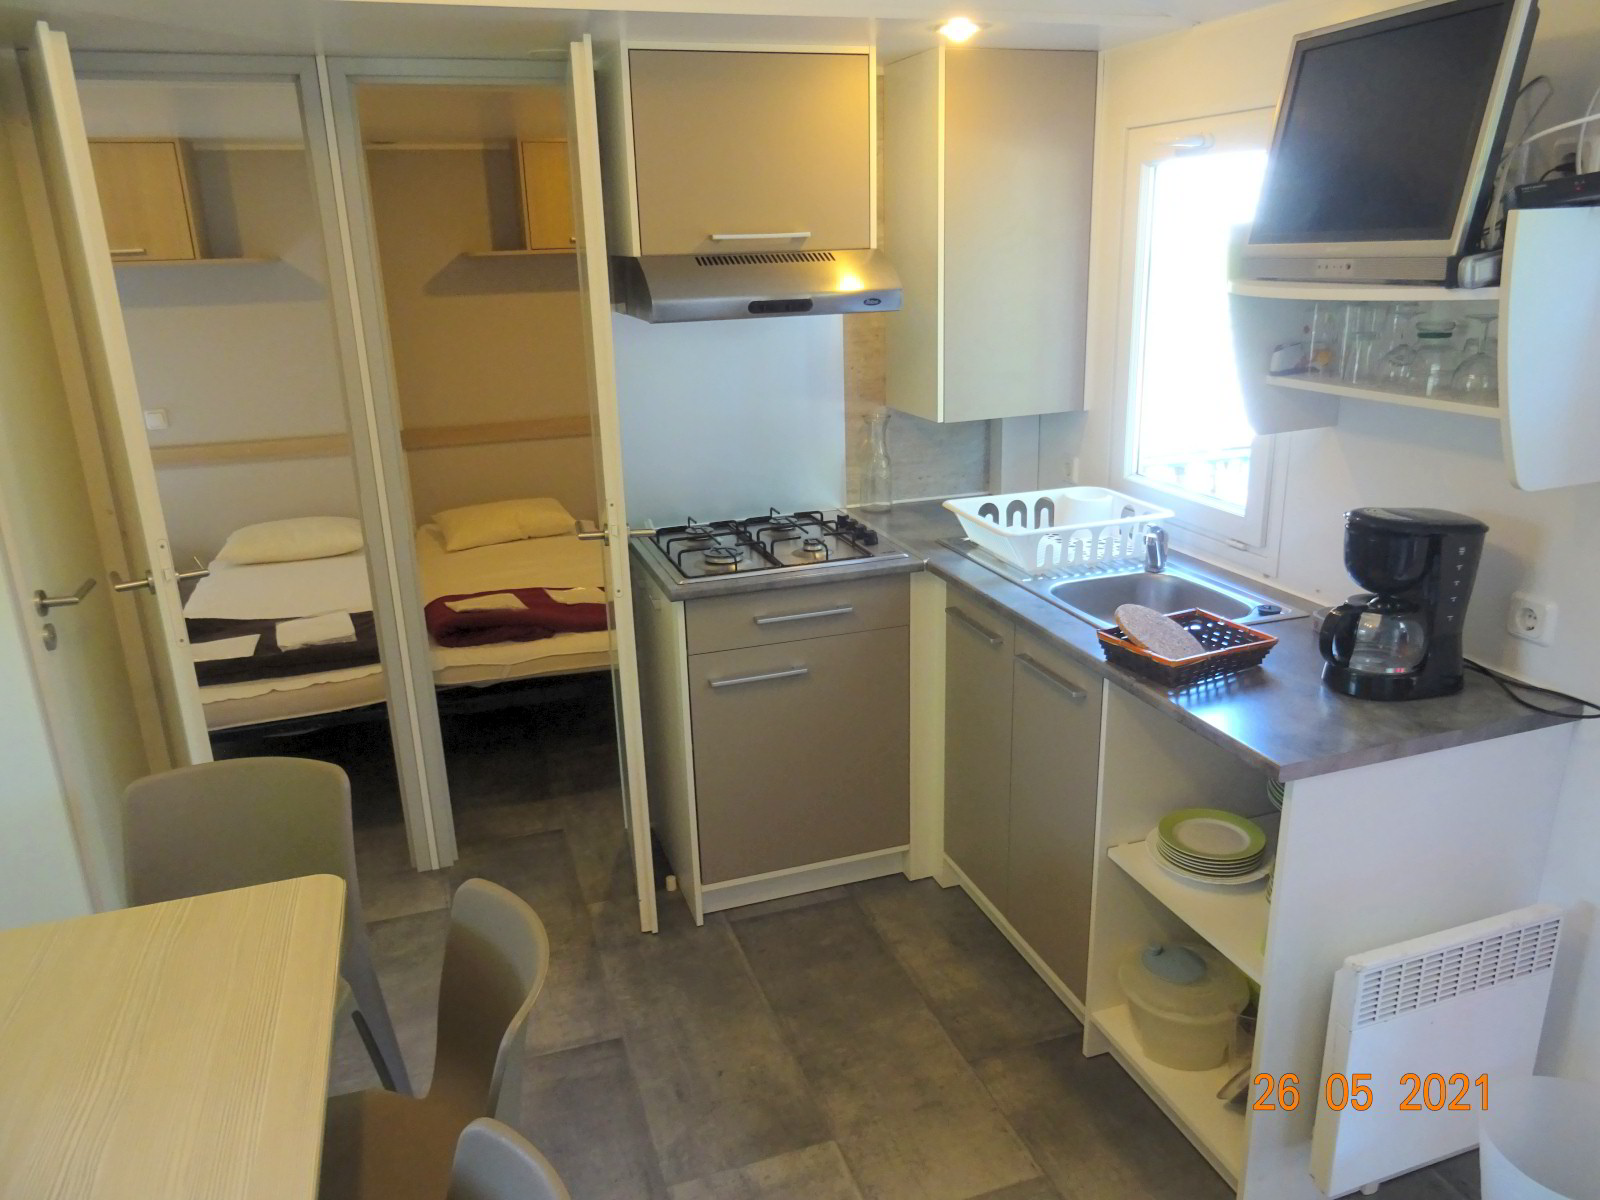 Mobilheim 3 Schlafzimmer, Küche und Schlafzimmer